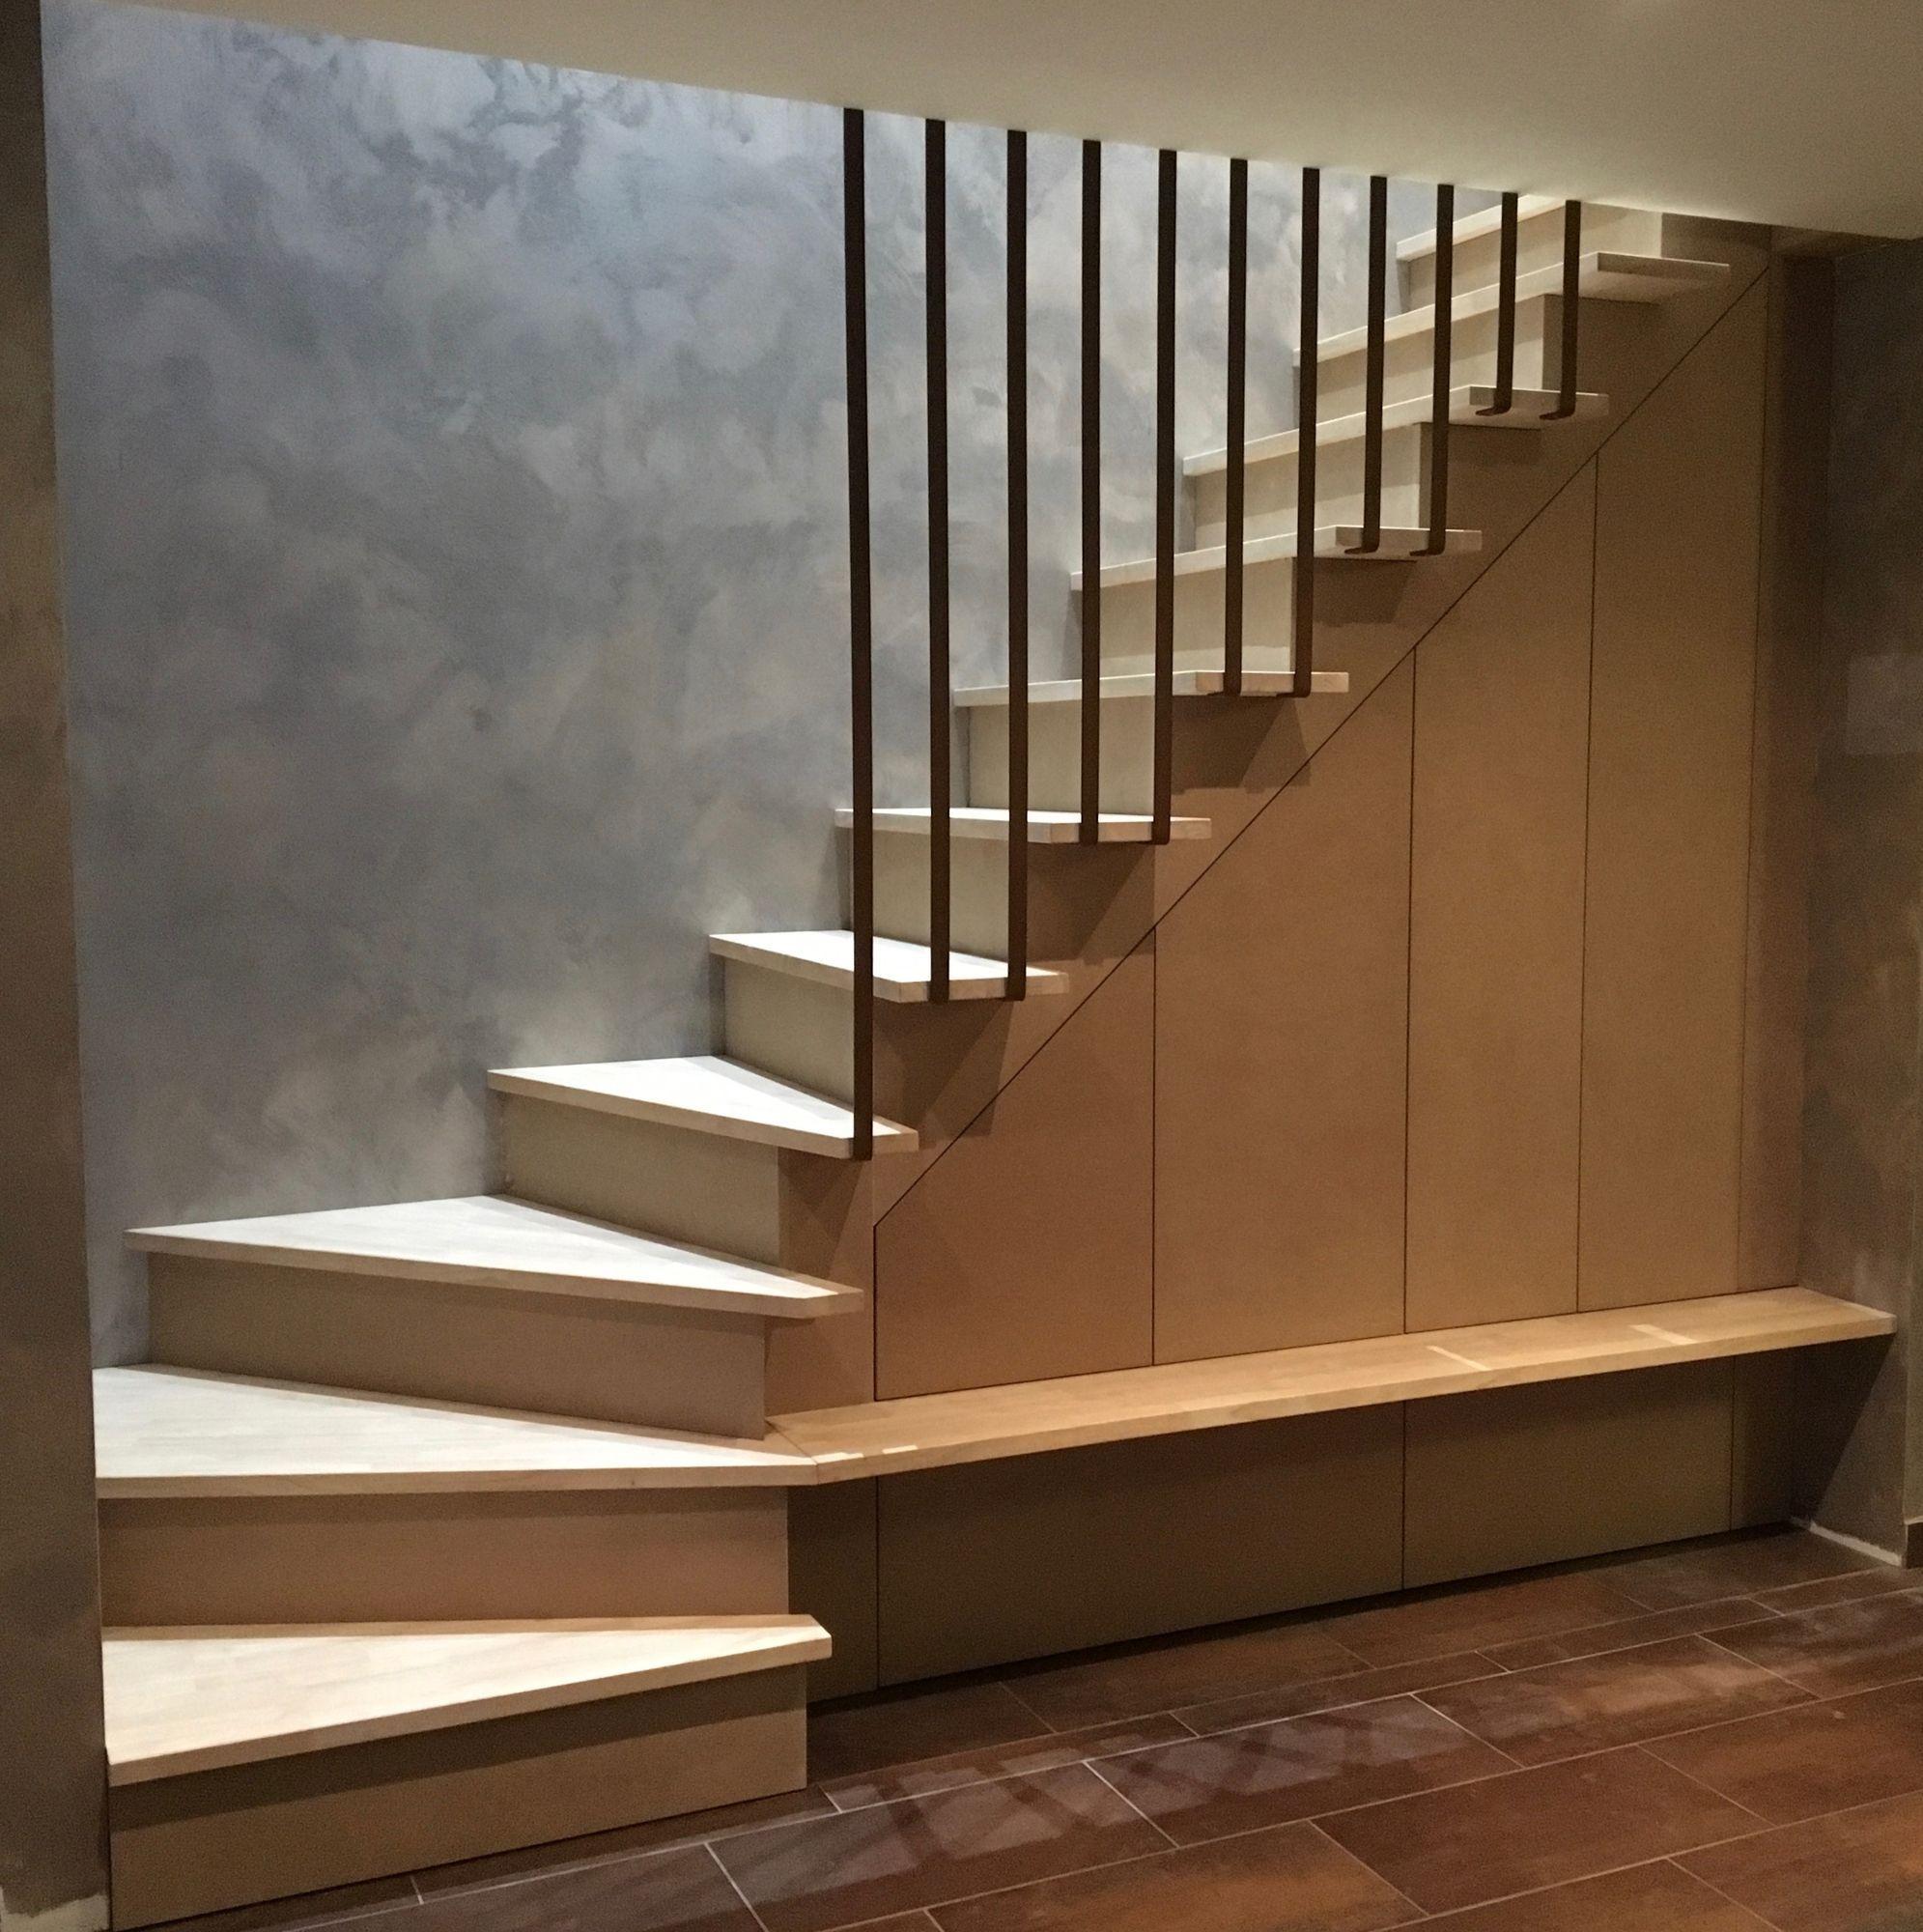 Épinglé par Chantal Brien sur Escaliers | Aménagement sous escalier, Escalier, Escaliers maison